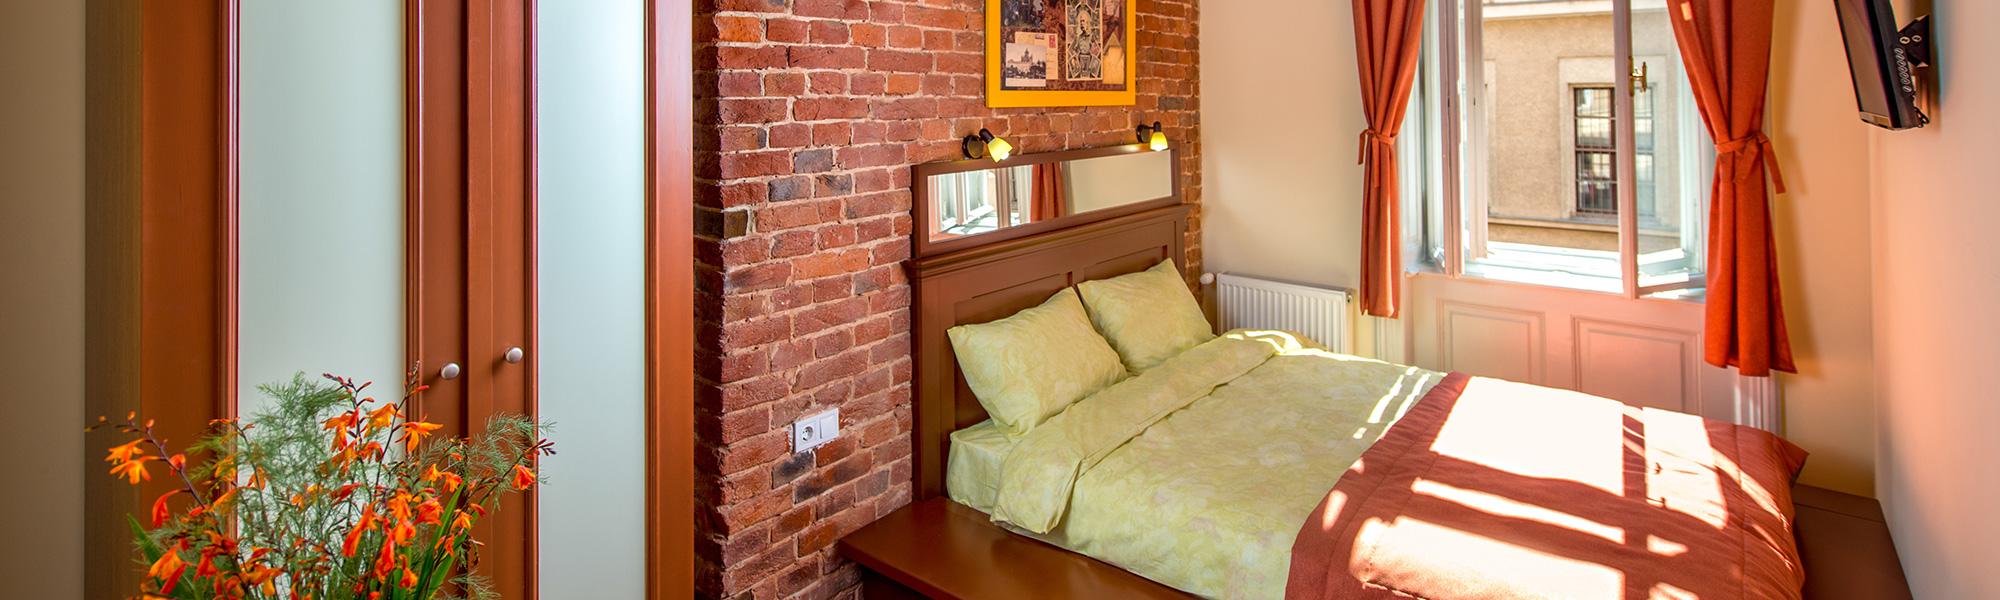 Номер на двоих с большой кроватью в Post House Rooms Львов